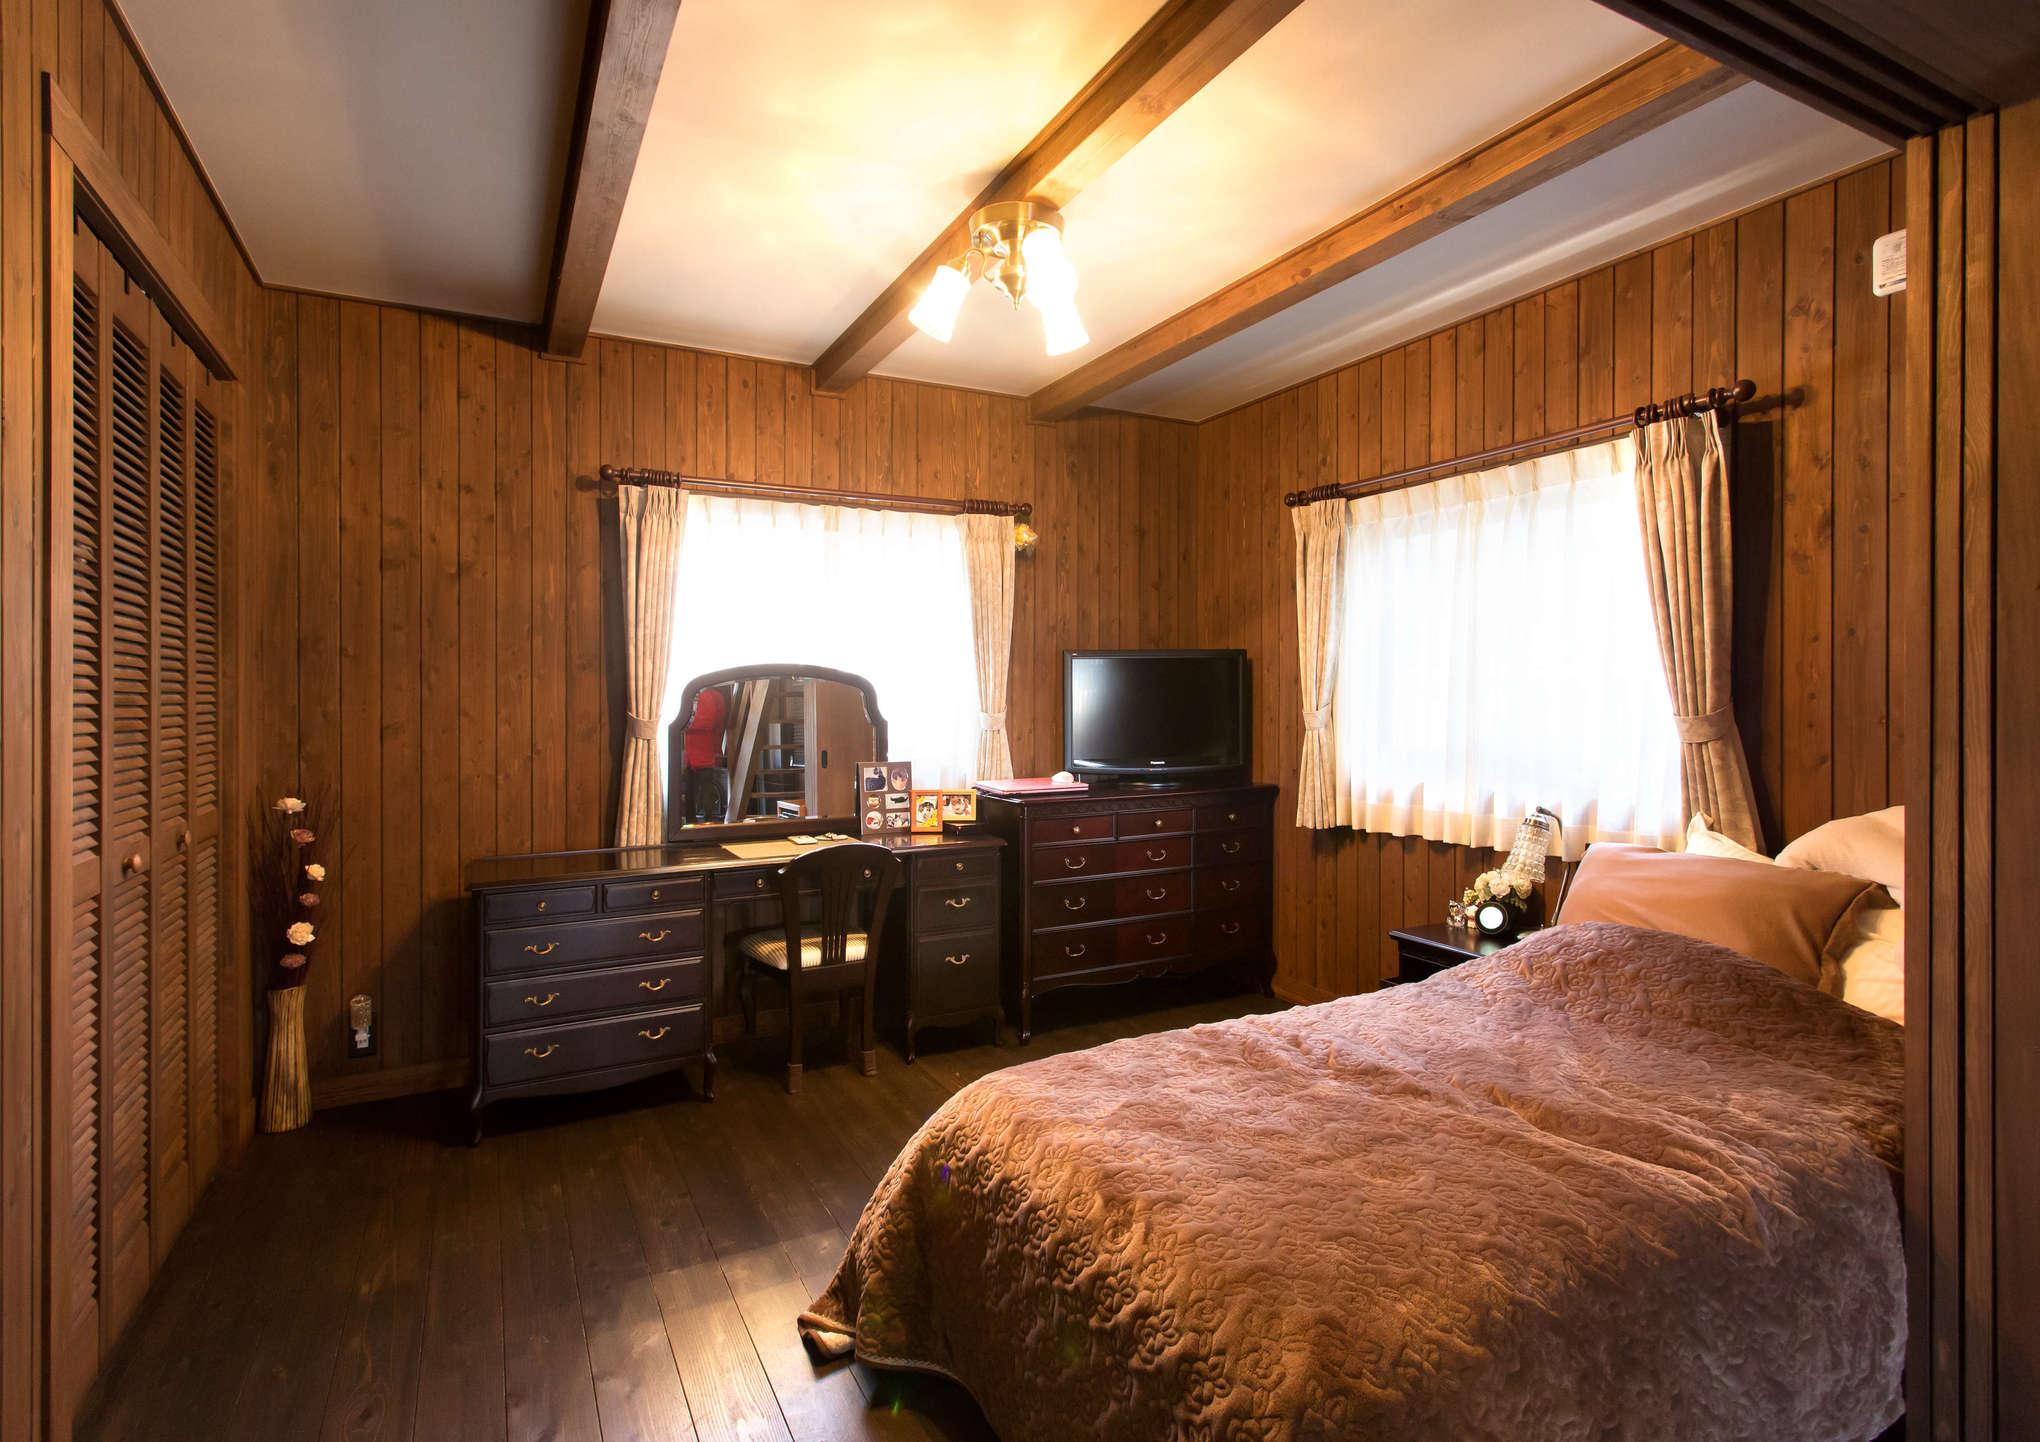 LDKの隣にある奥さまの寝室は、収納家具やベッドシーツ、カーテンの色味までセンス良くコーディネートされている。「何かを選ぶ時は色味に気を使いますね。物が増えないよう、新しい商品を買うたびに古いものを処分します」と奥さま